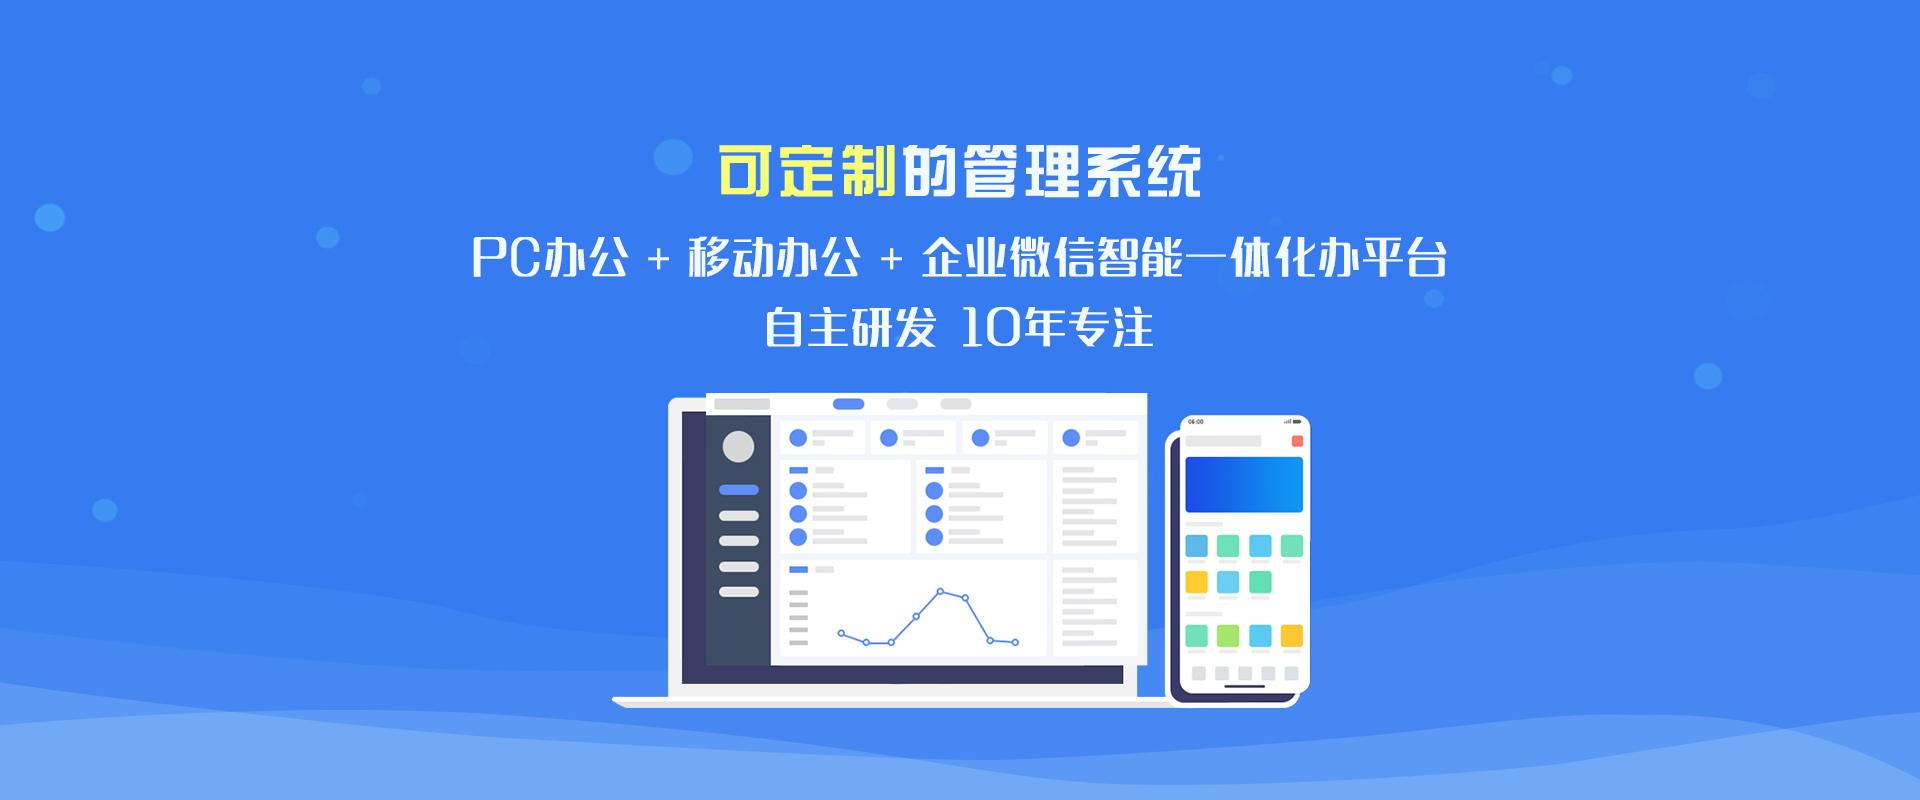 合肥网络公司,合肥火狐体育平台app建设